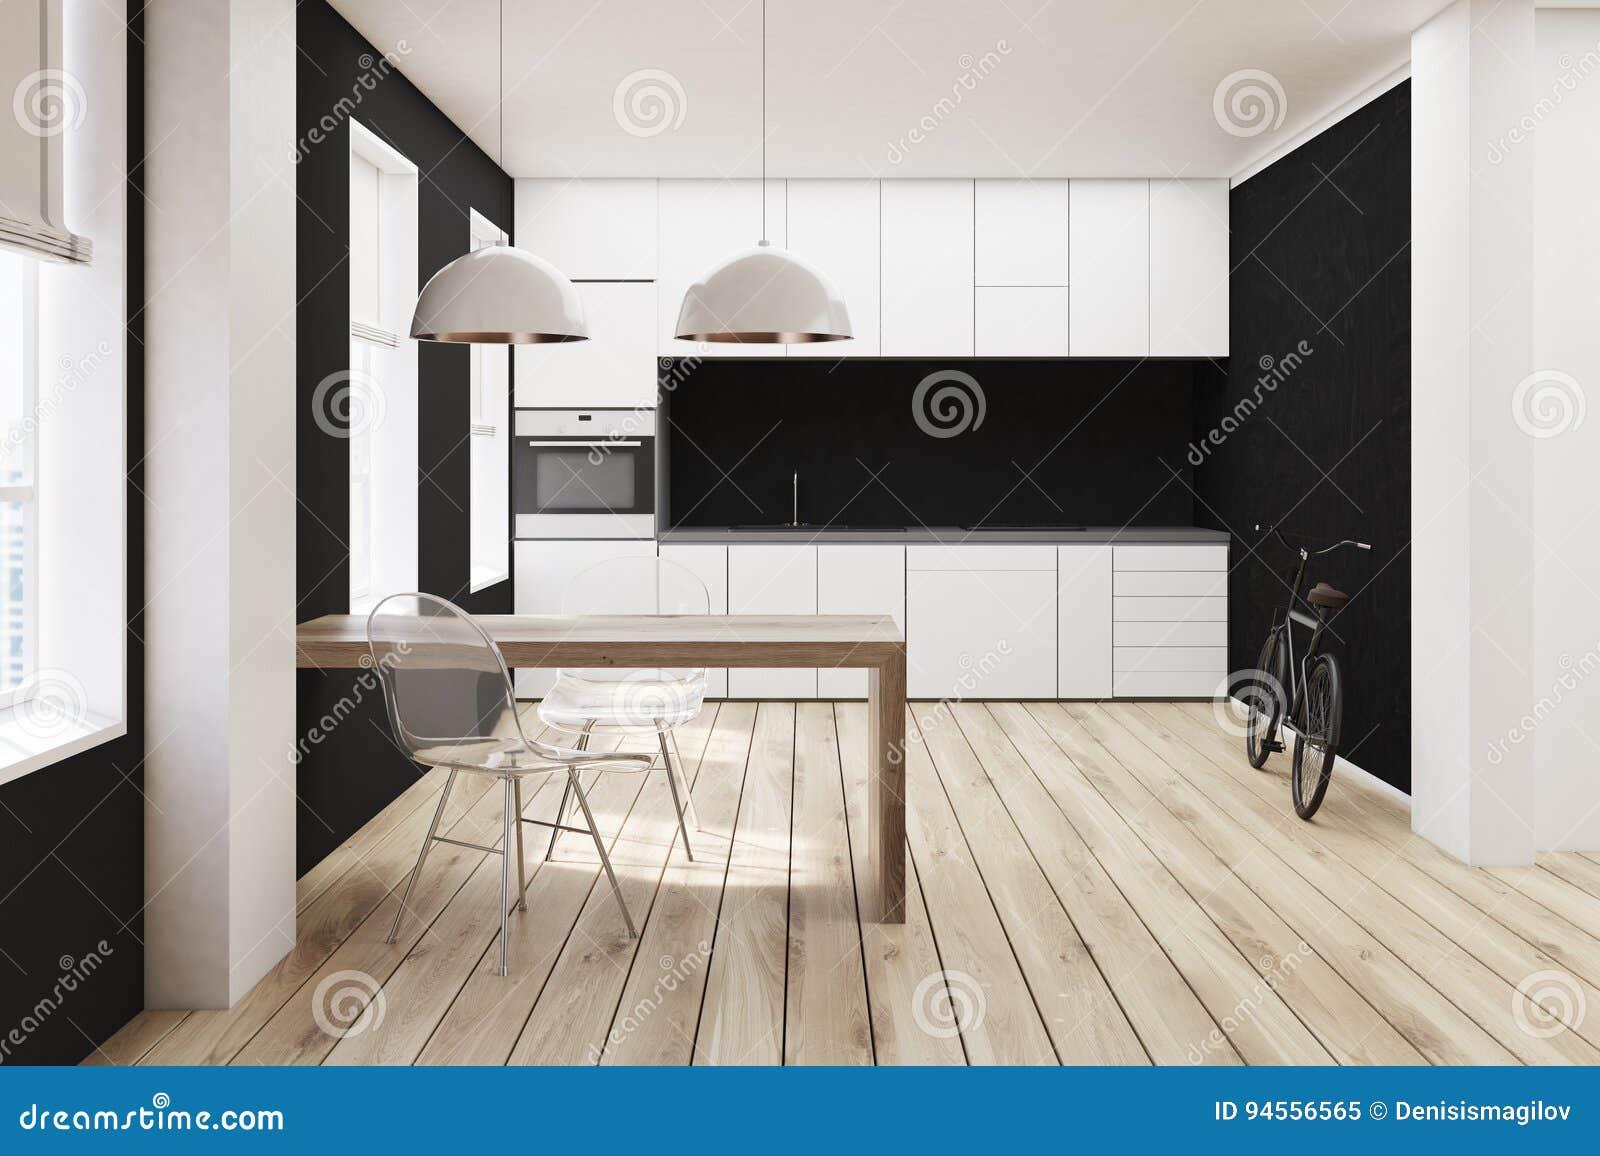 Cocina Blanca Y Negra, Piso De Madera Stock de ilustración ...